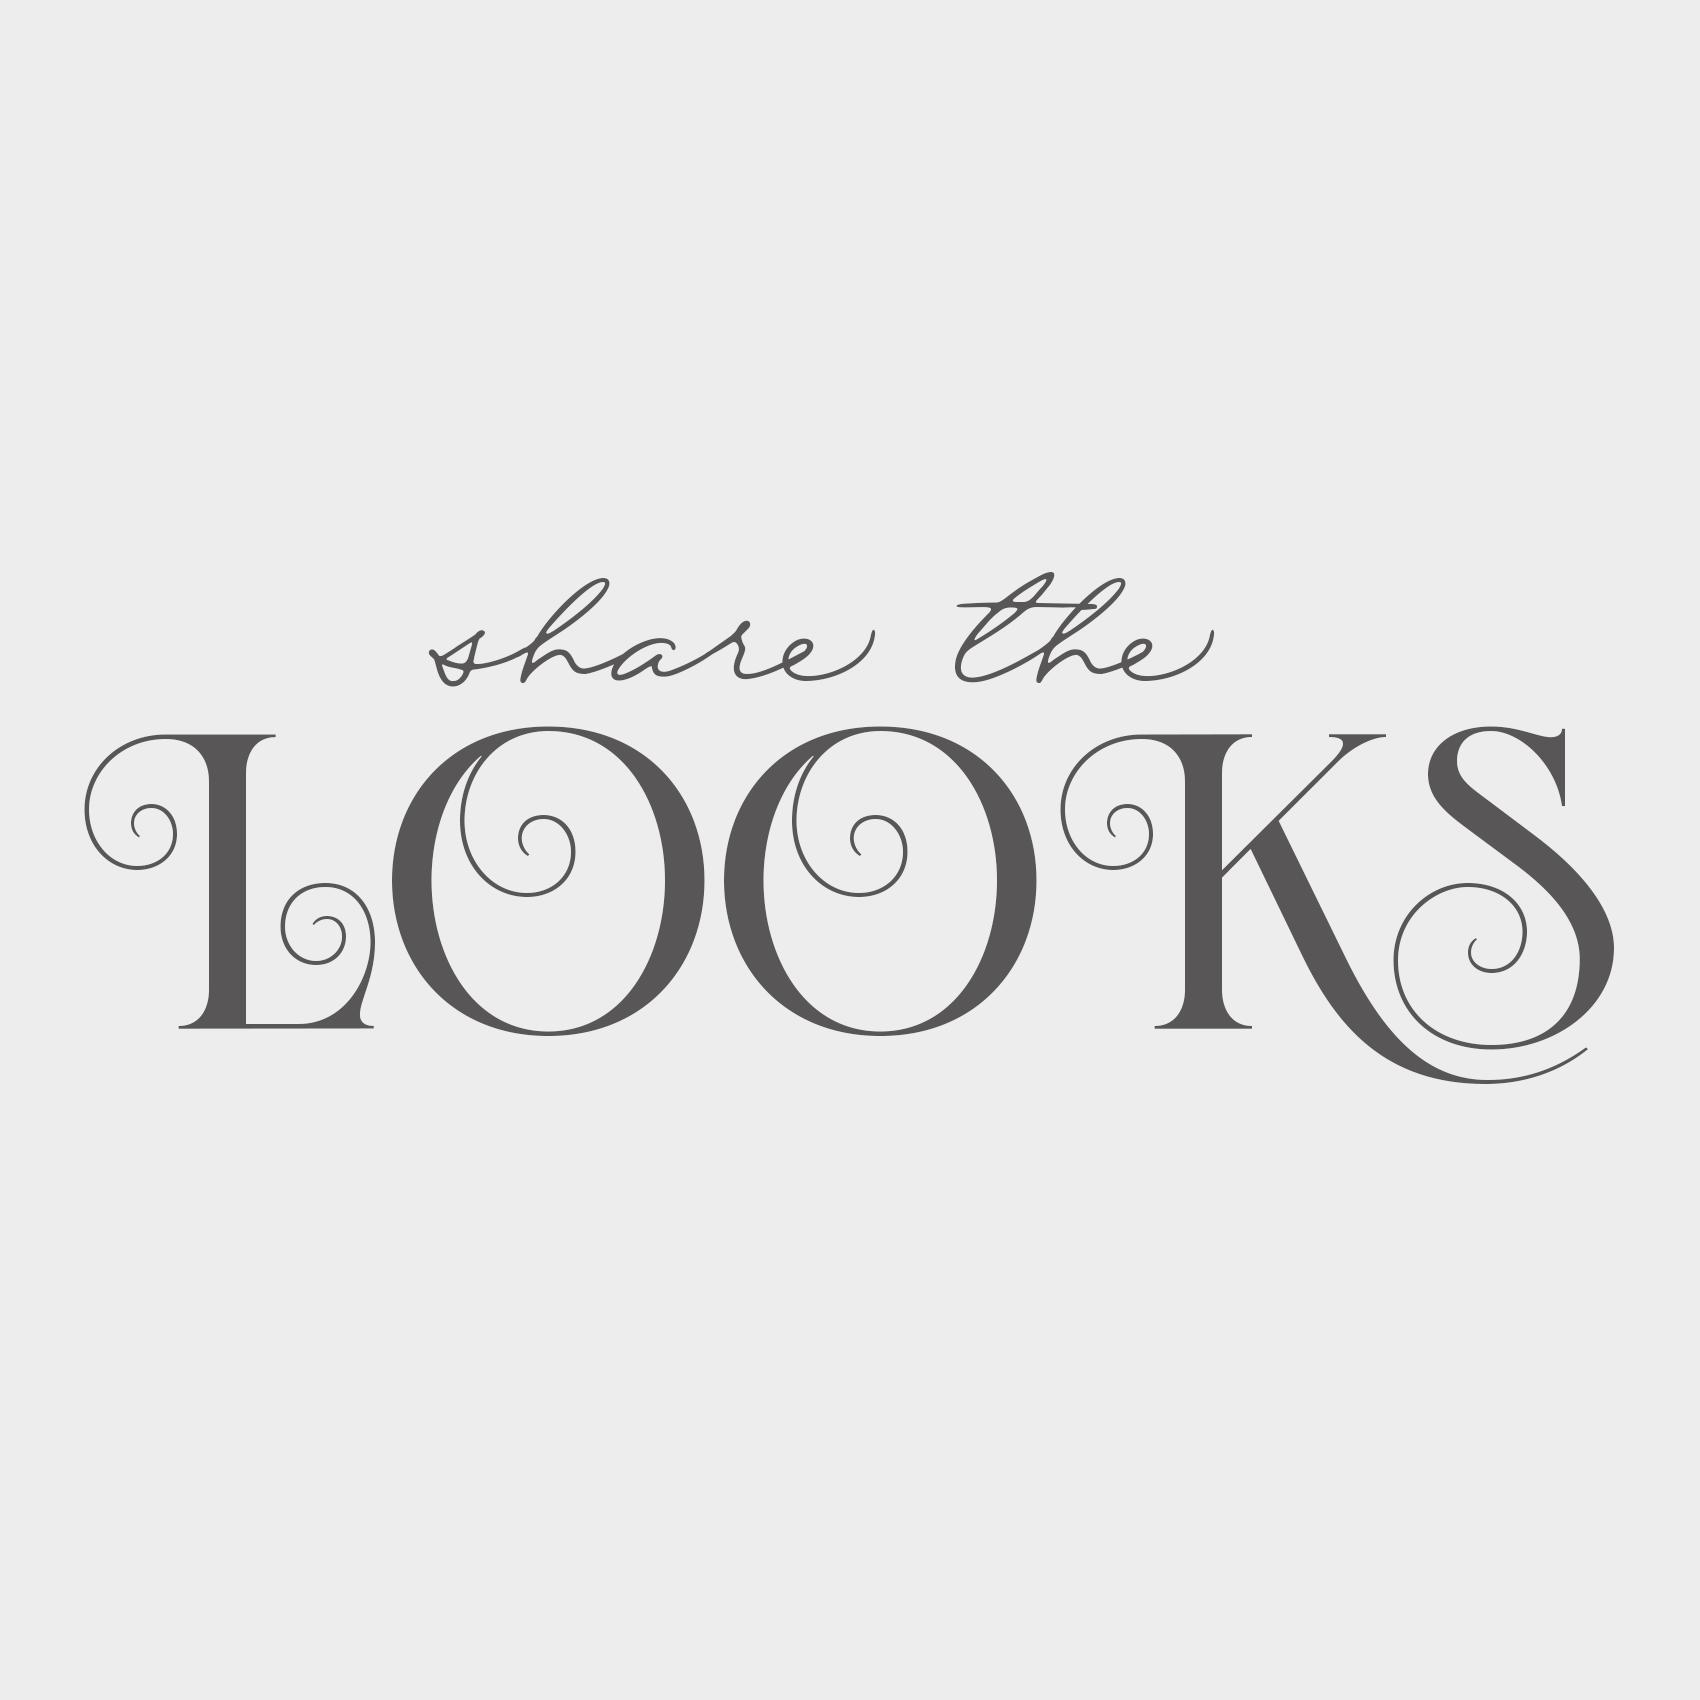 ShareTheLooks